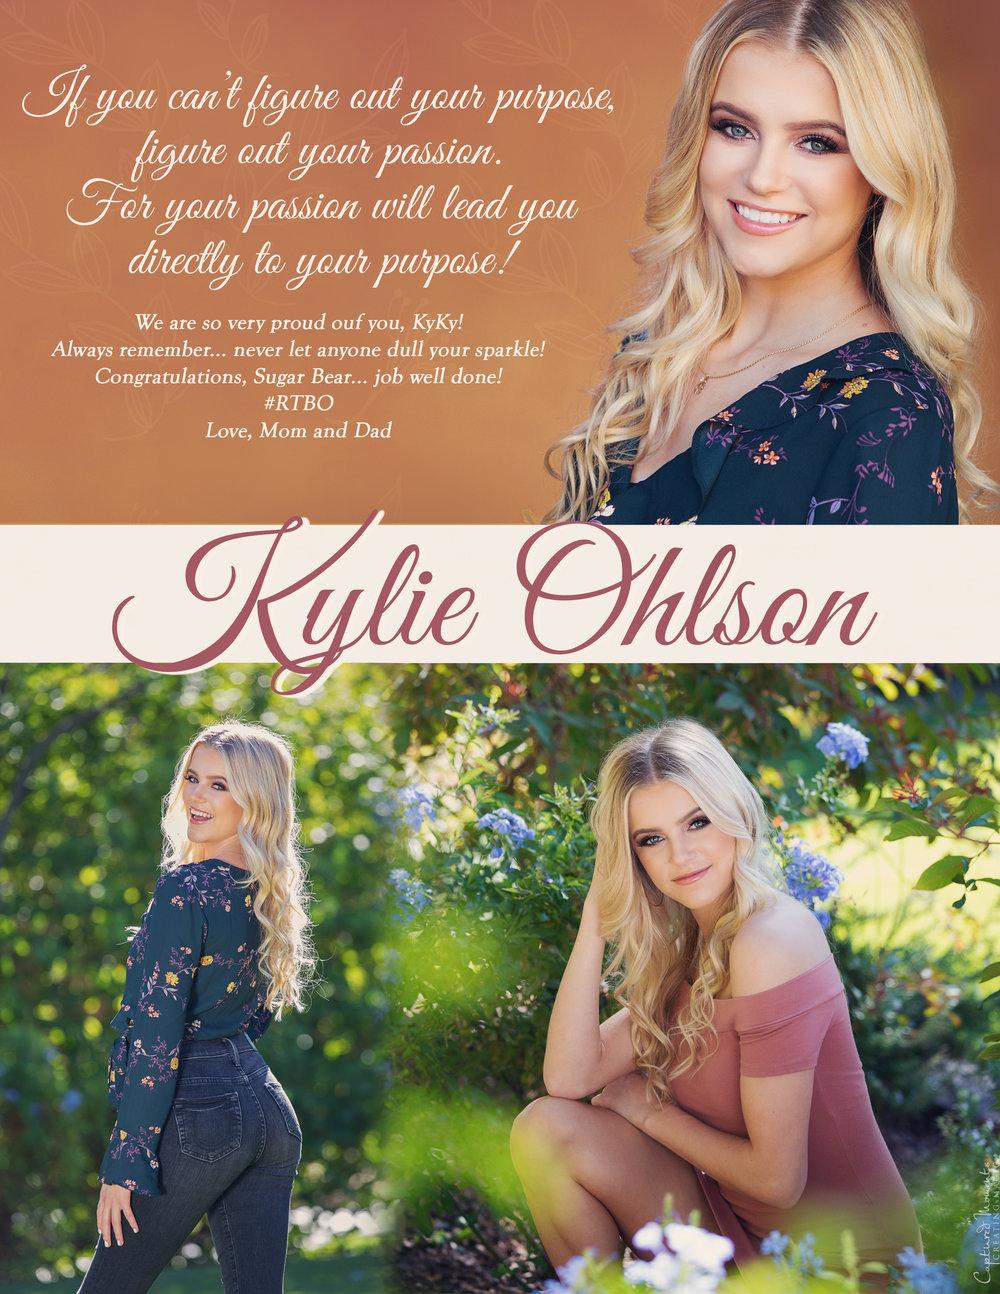 Kylie Ohlson.jpg